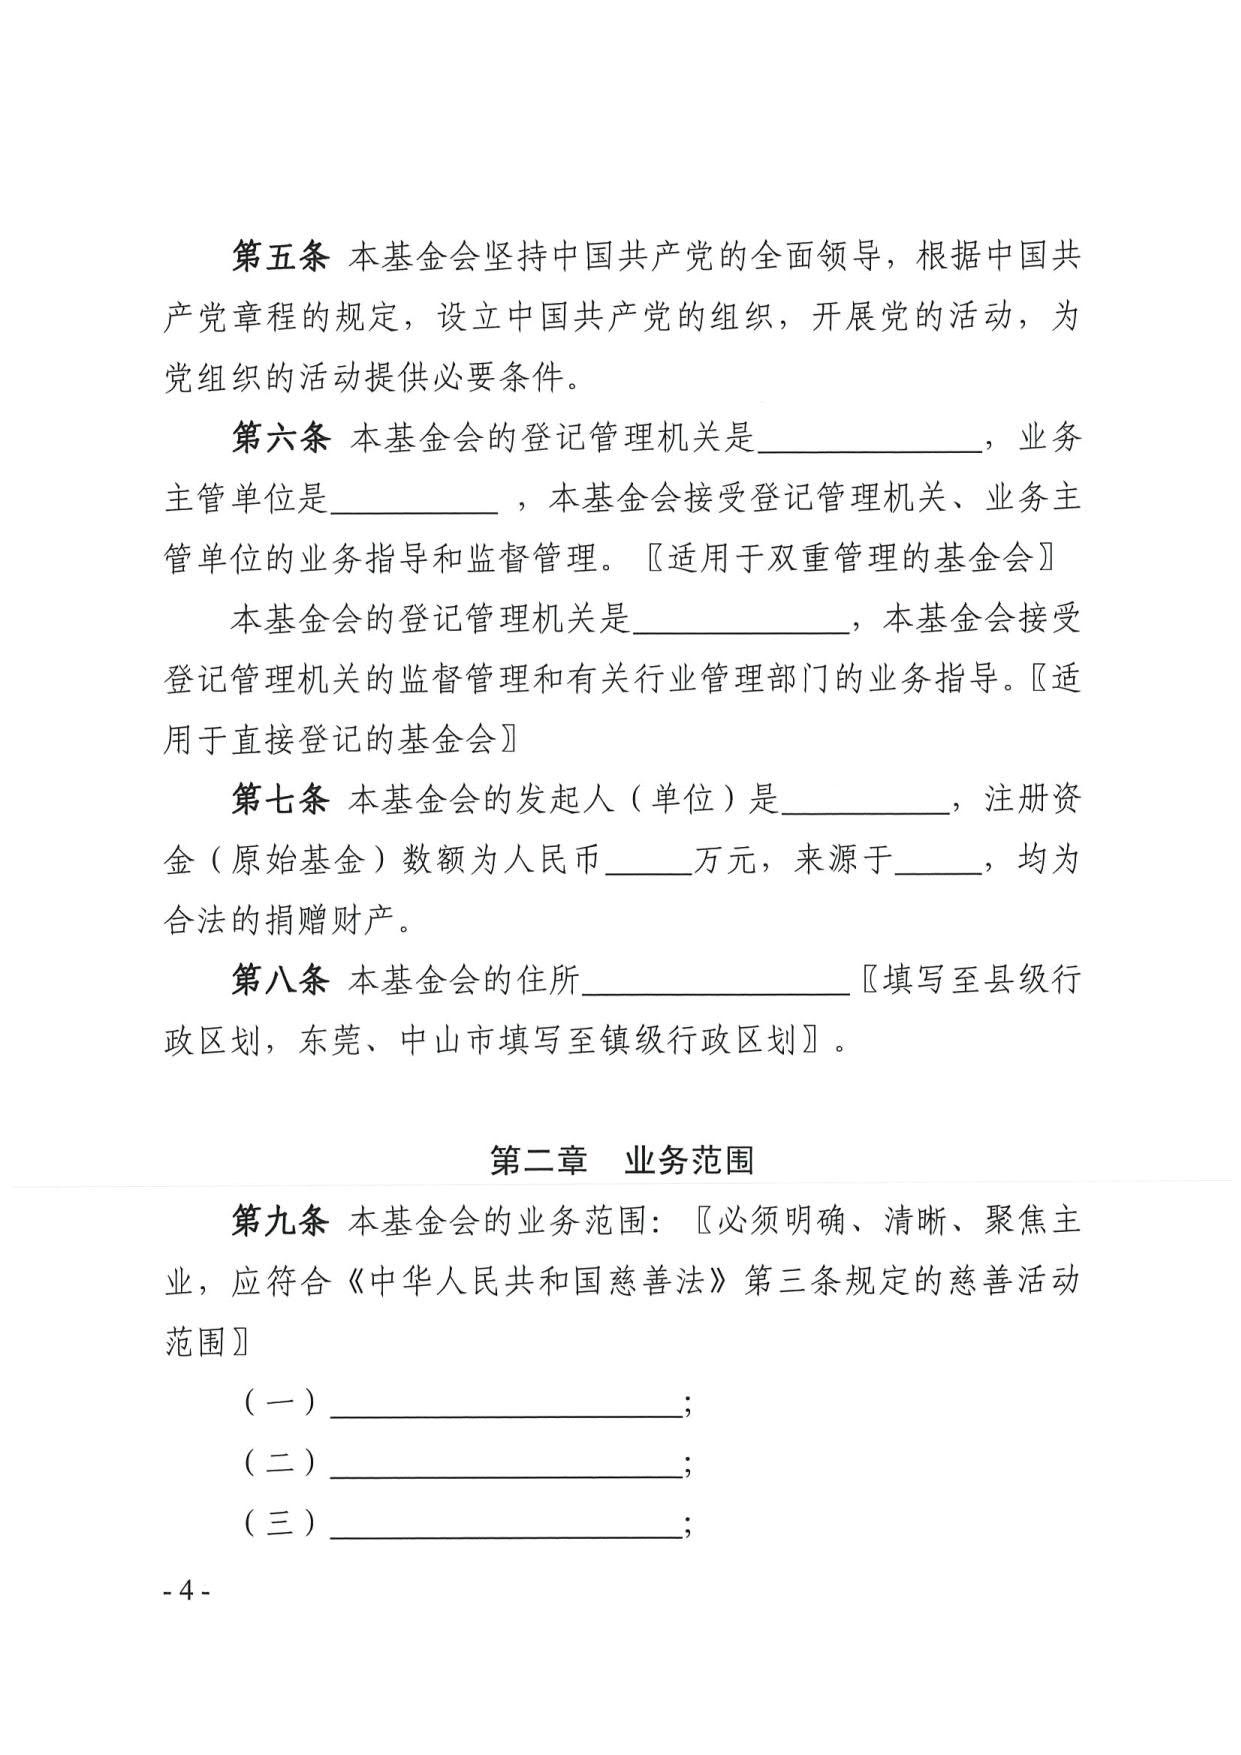 广东省民政厅关于印发《广东省基金会章程示范文本》的通知(4)_04.jpg